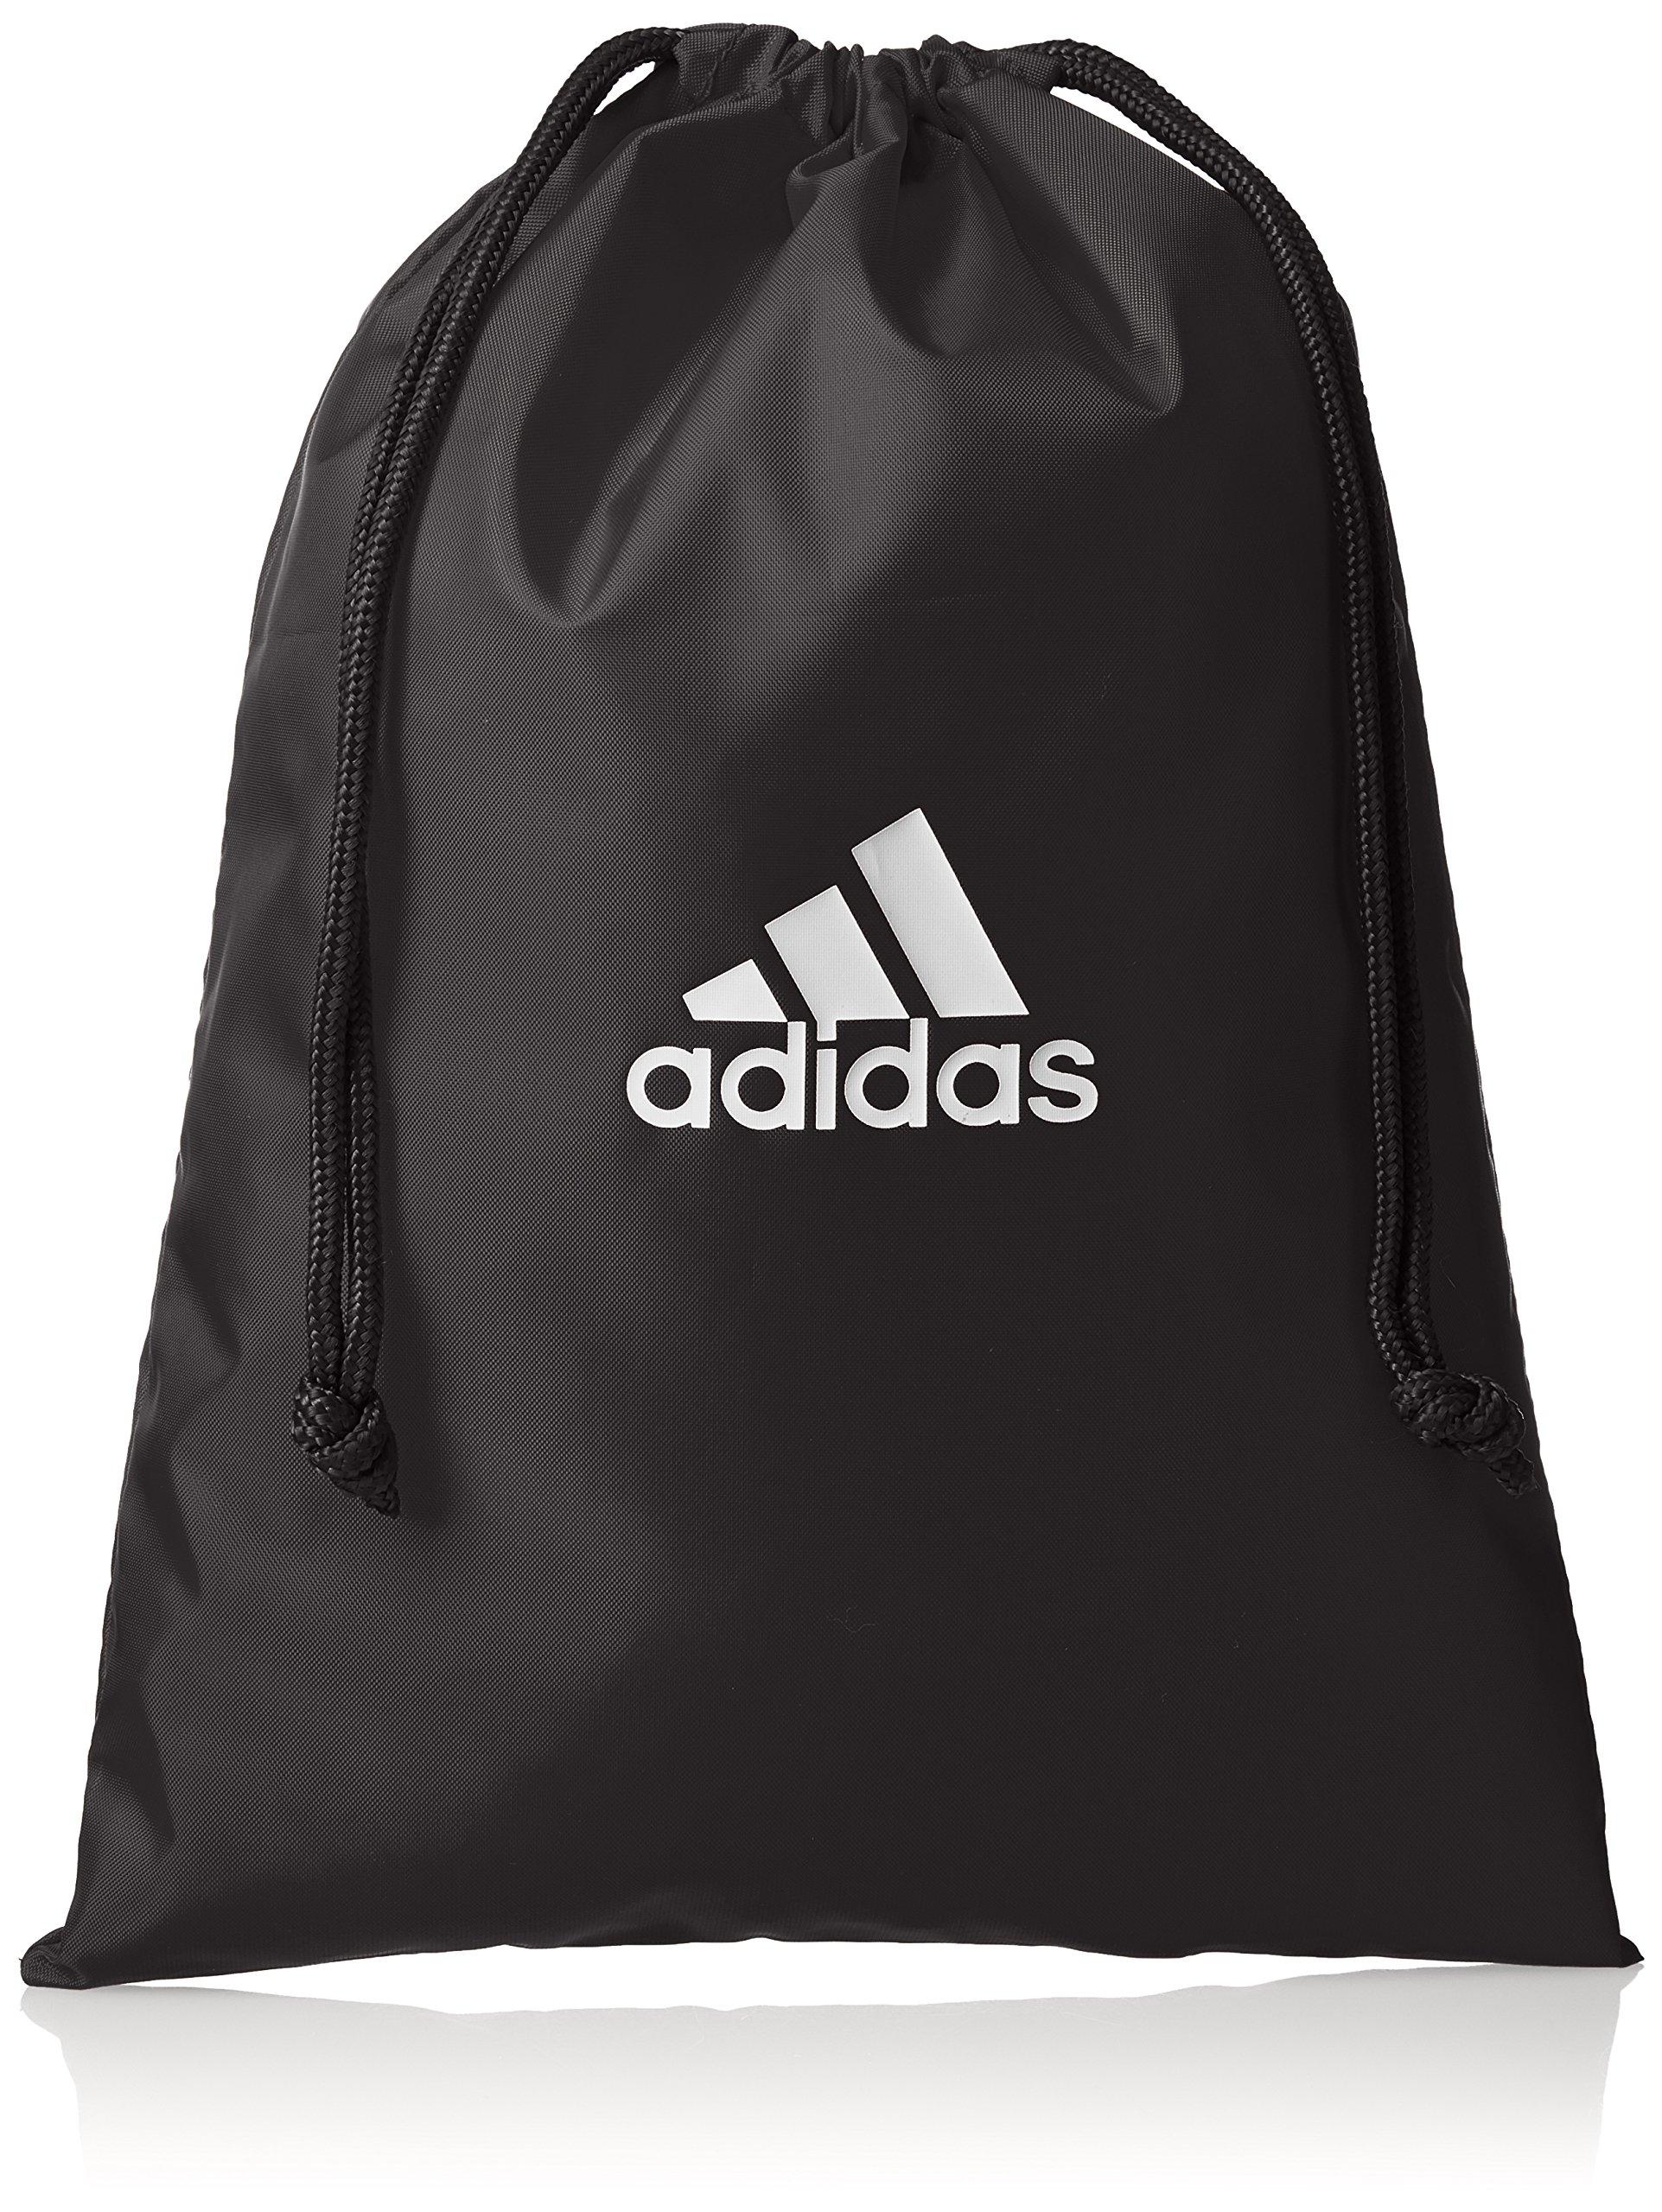 アディダス adidas(アディダス)スポーツアクセサリー ナップサック EPS シューズサック DRM73 CD4771 NS ブラック